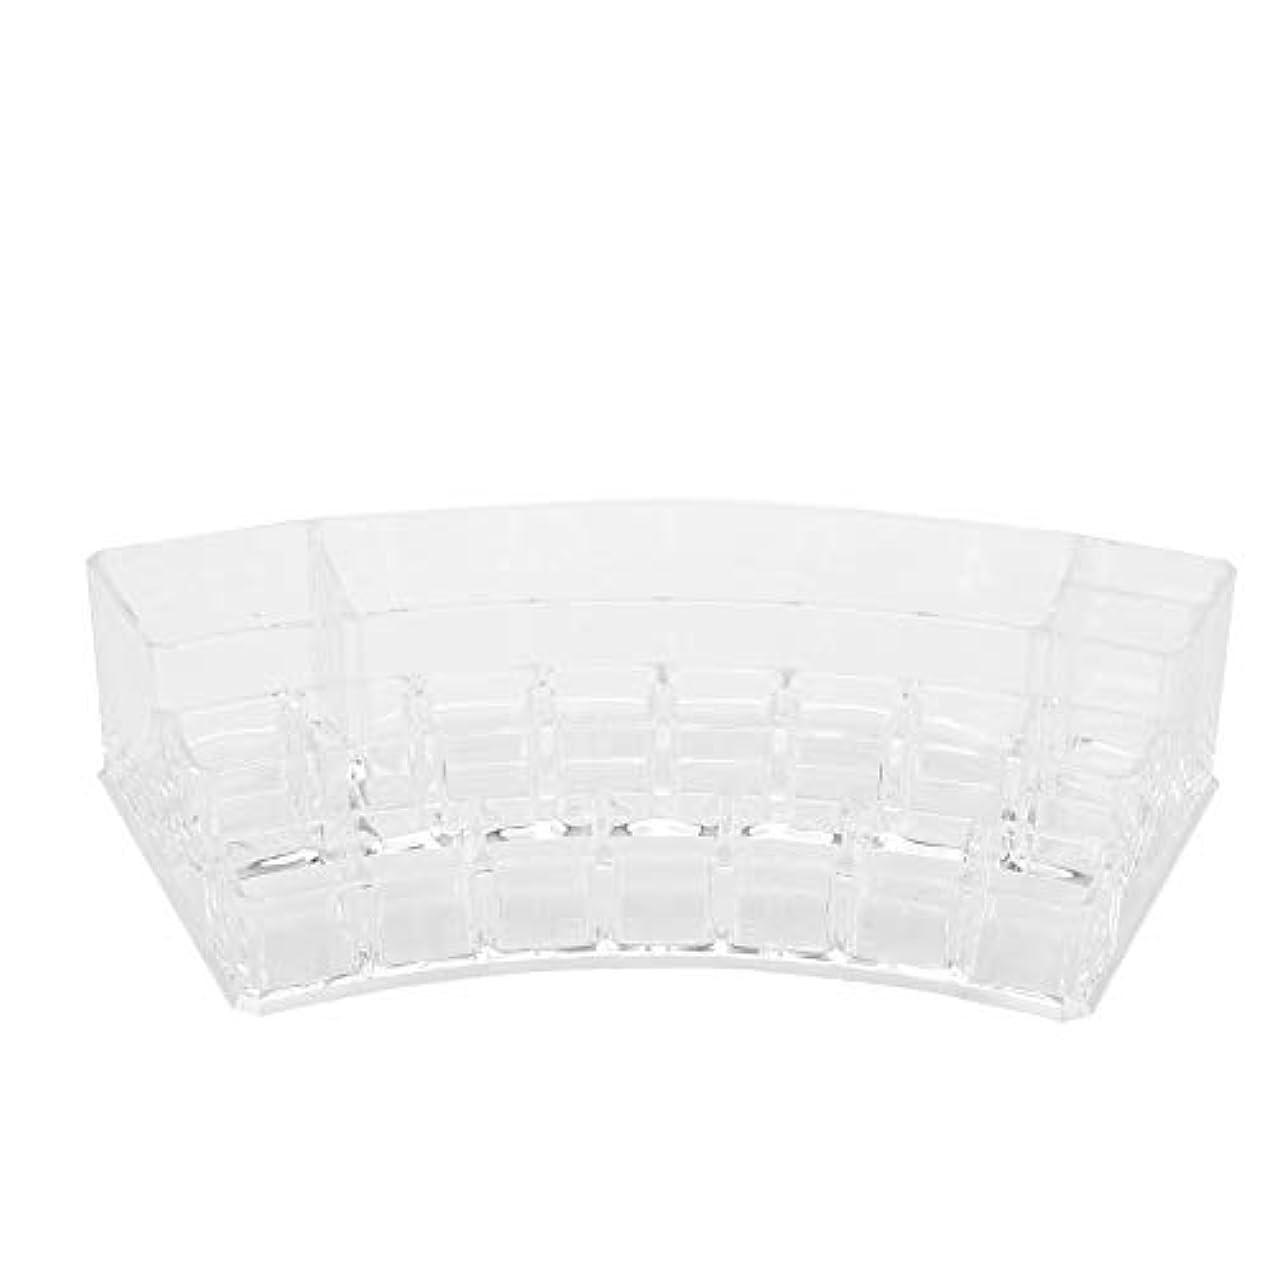 インストールダブル再集計19グリッドプラスチック収納ボックス - ディスプレイケースネイルアートタトゥーツールオーガナイザー化粧品ディスプレイ